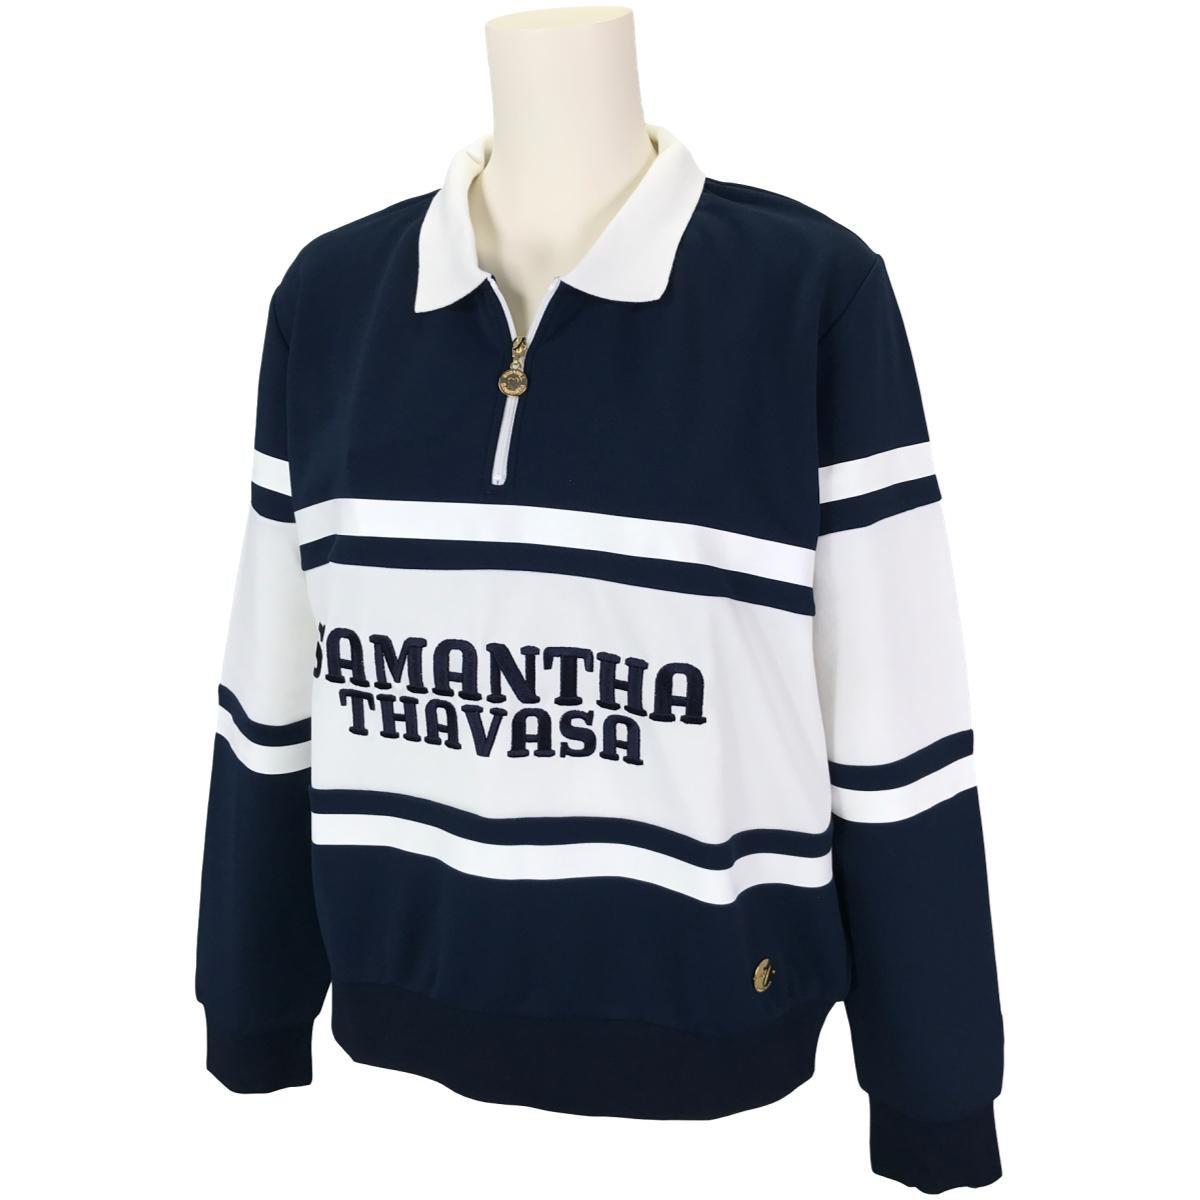 サマンサタバサ Samantha Thavasa UNDER25&No.7 ストレッチラガー長袖ポロシャツ 36 ネイビー レディス